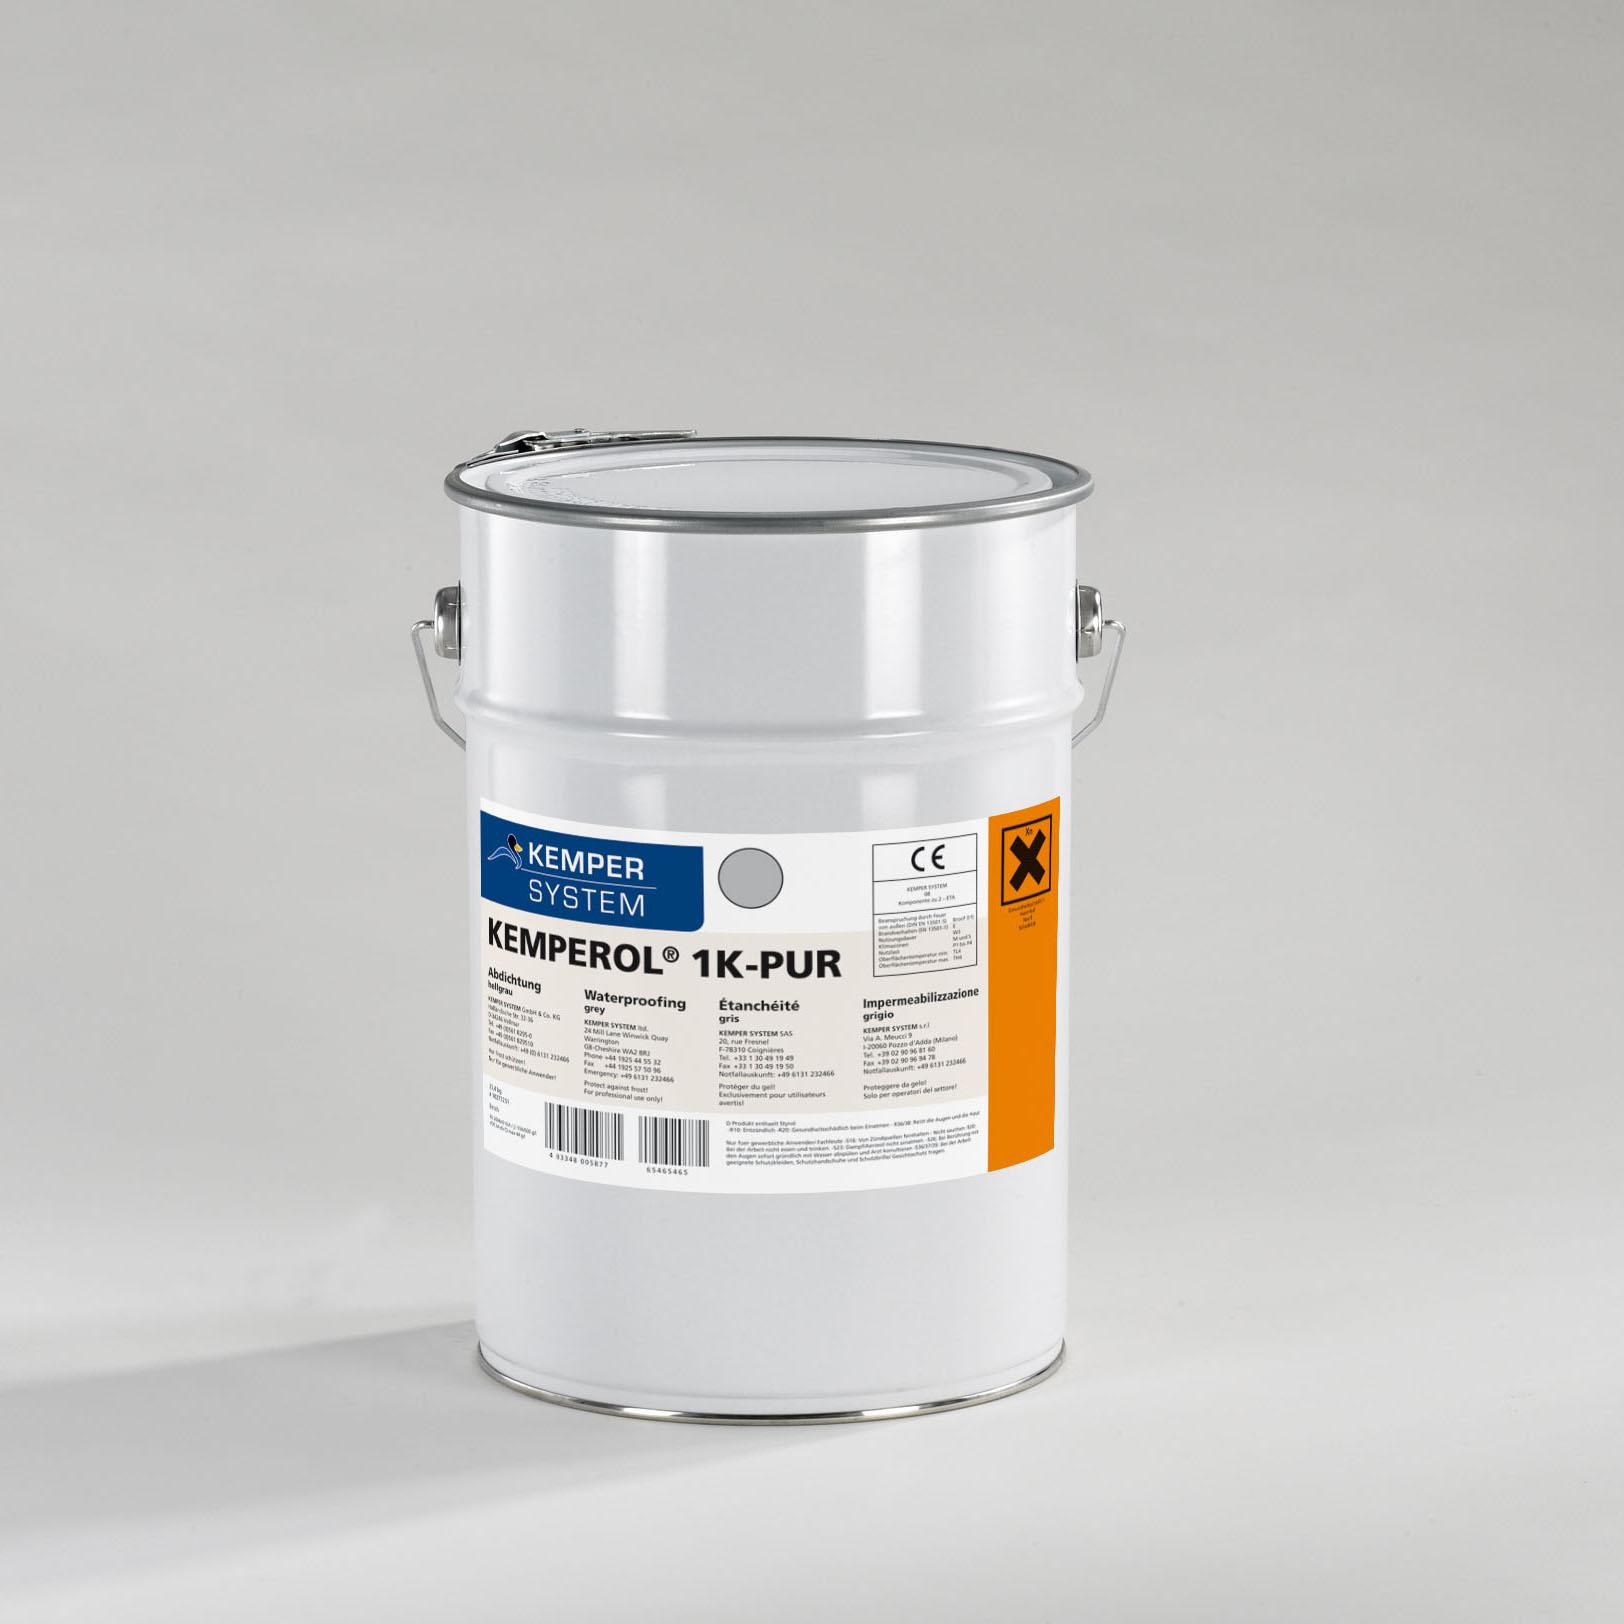 Hidroizolatii pe baza de poliuretan lichid KEMPER SYSTEM - Poza 17